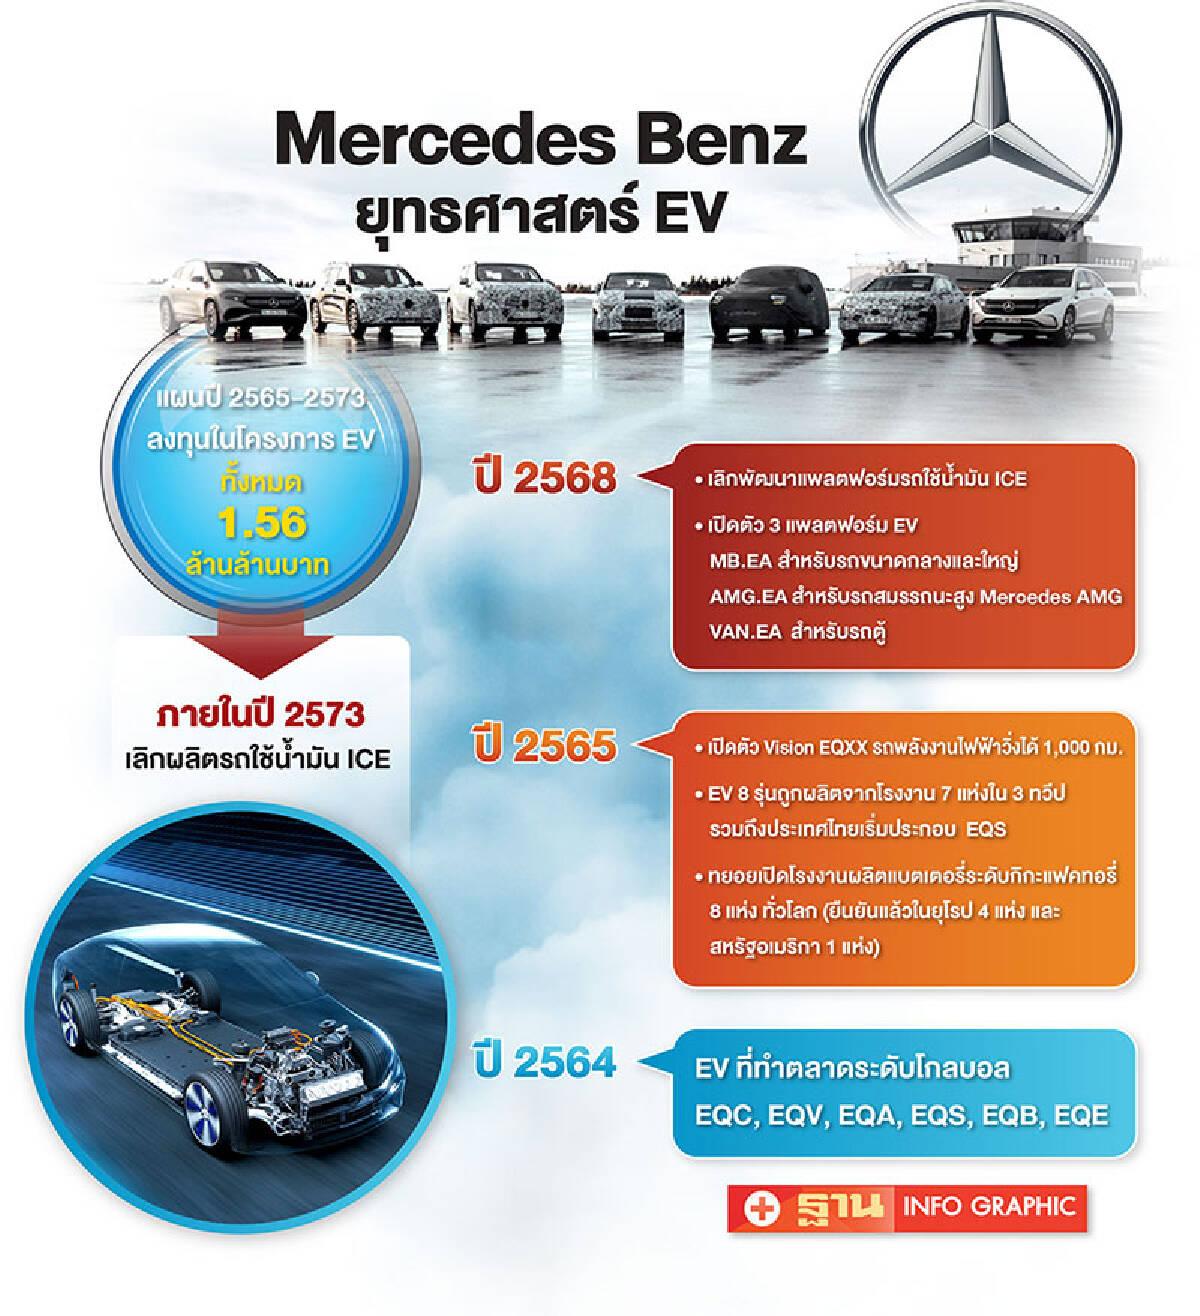 แผนธุรกิจ EV ของเมอร์เซเดส-เบนซ์